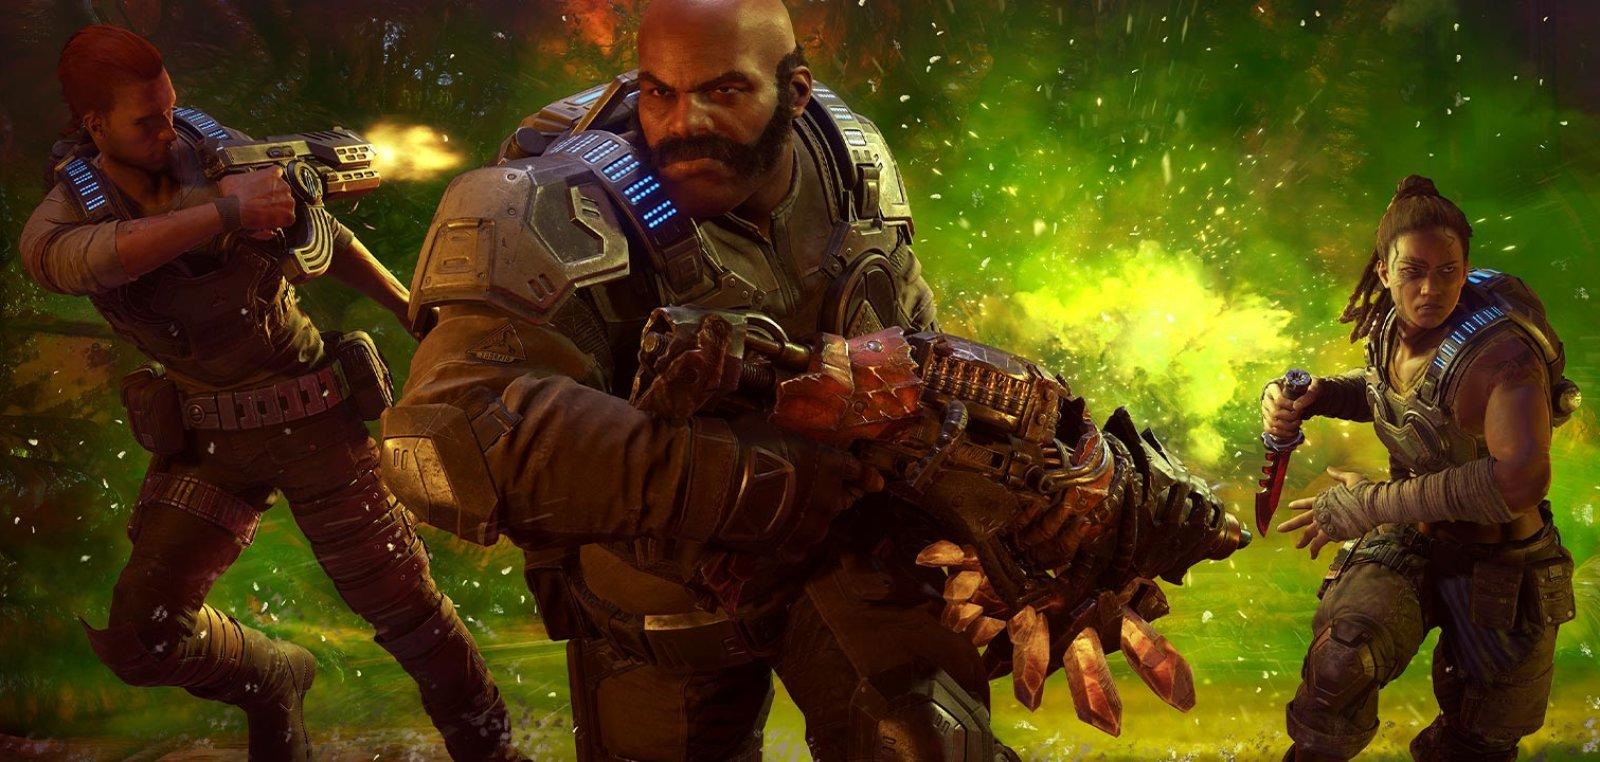 《战争机器5》销量超4代 Steam版更新后出现技术问题